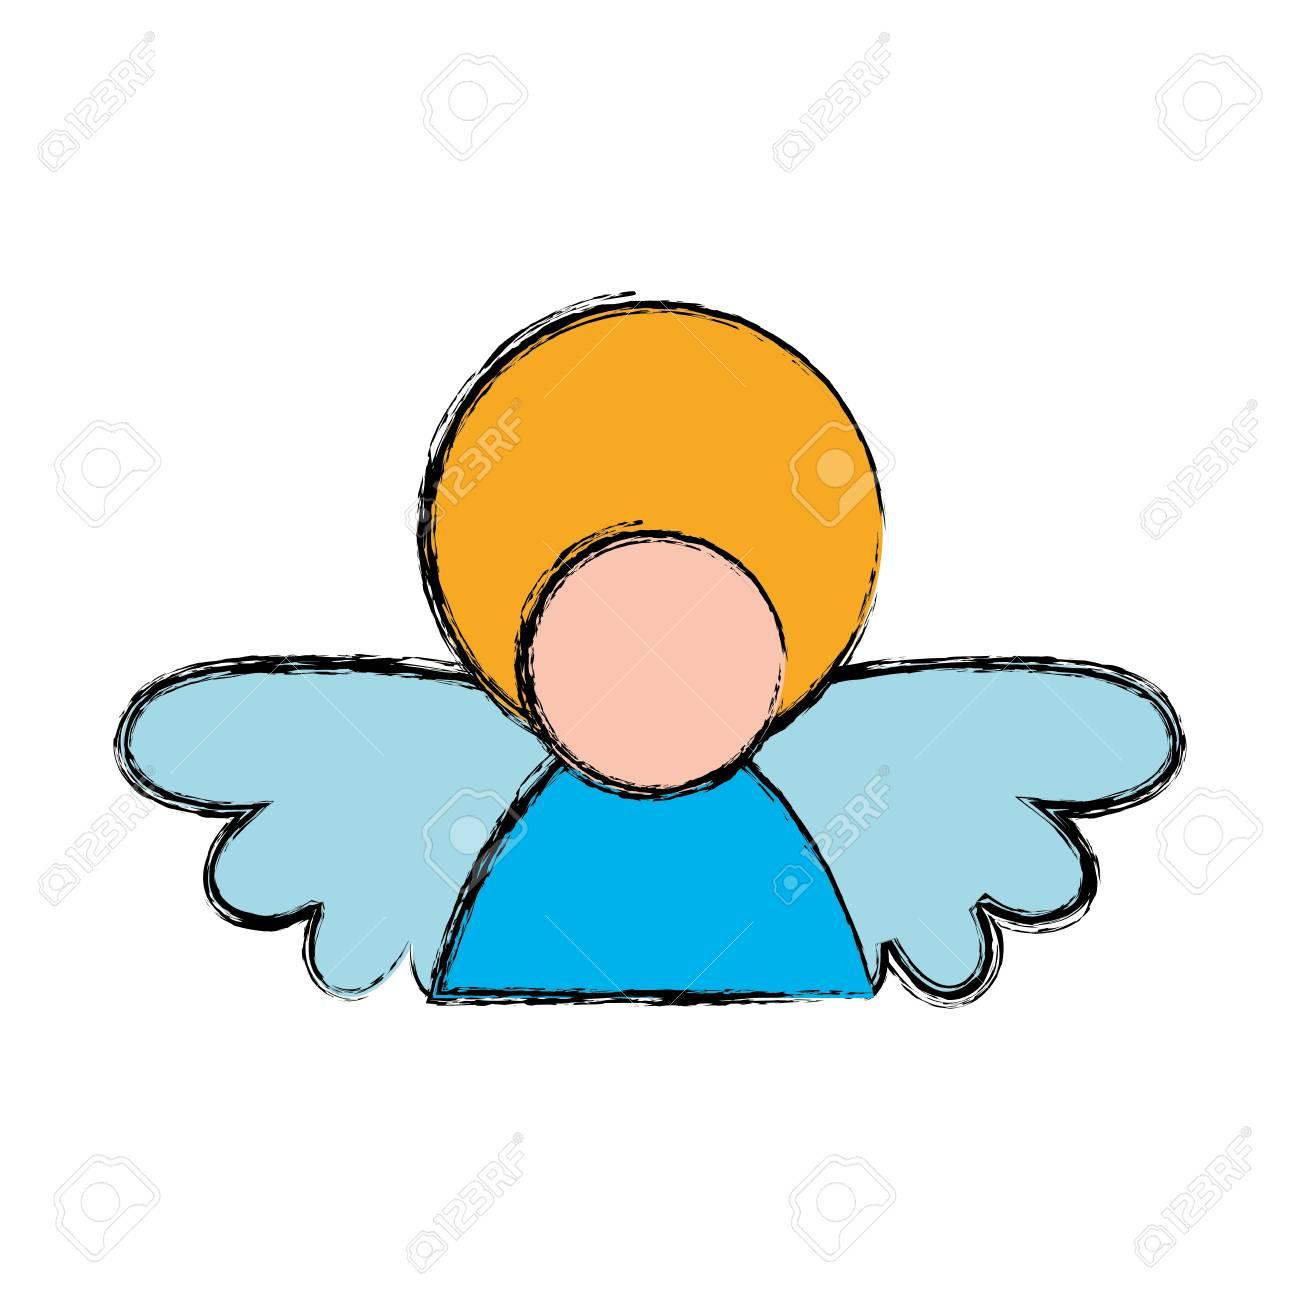 神聖な精神的な天使のアイコン ベクトル イラスト グラフィック デザイン